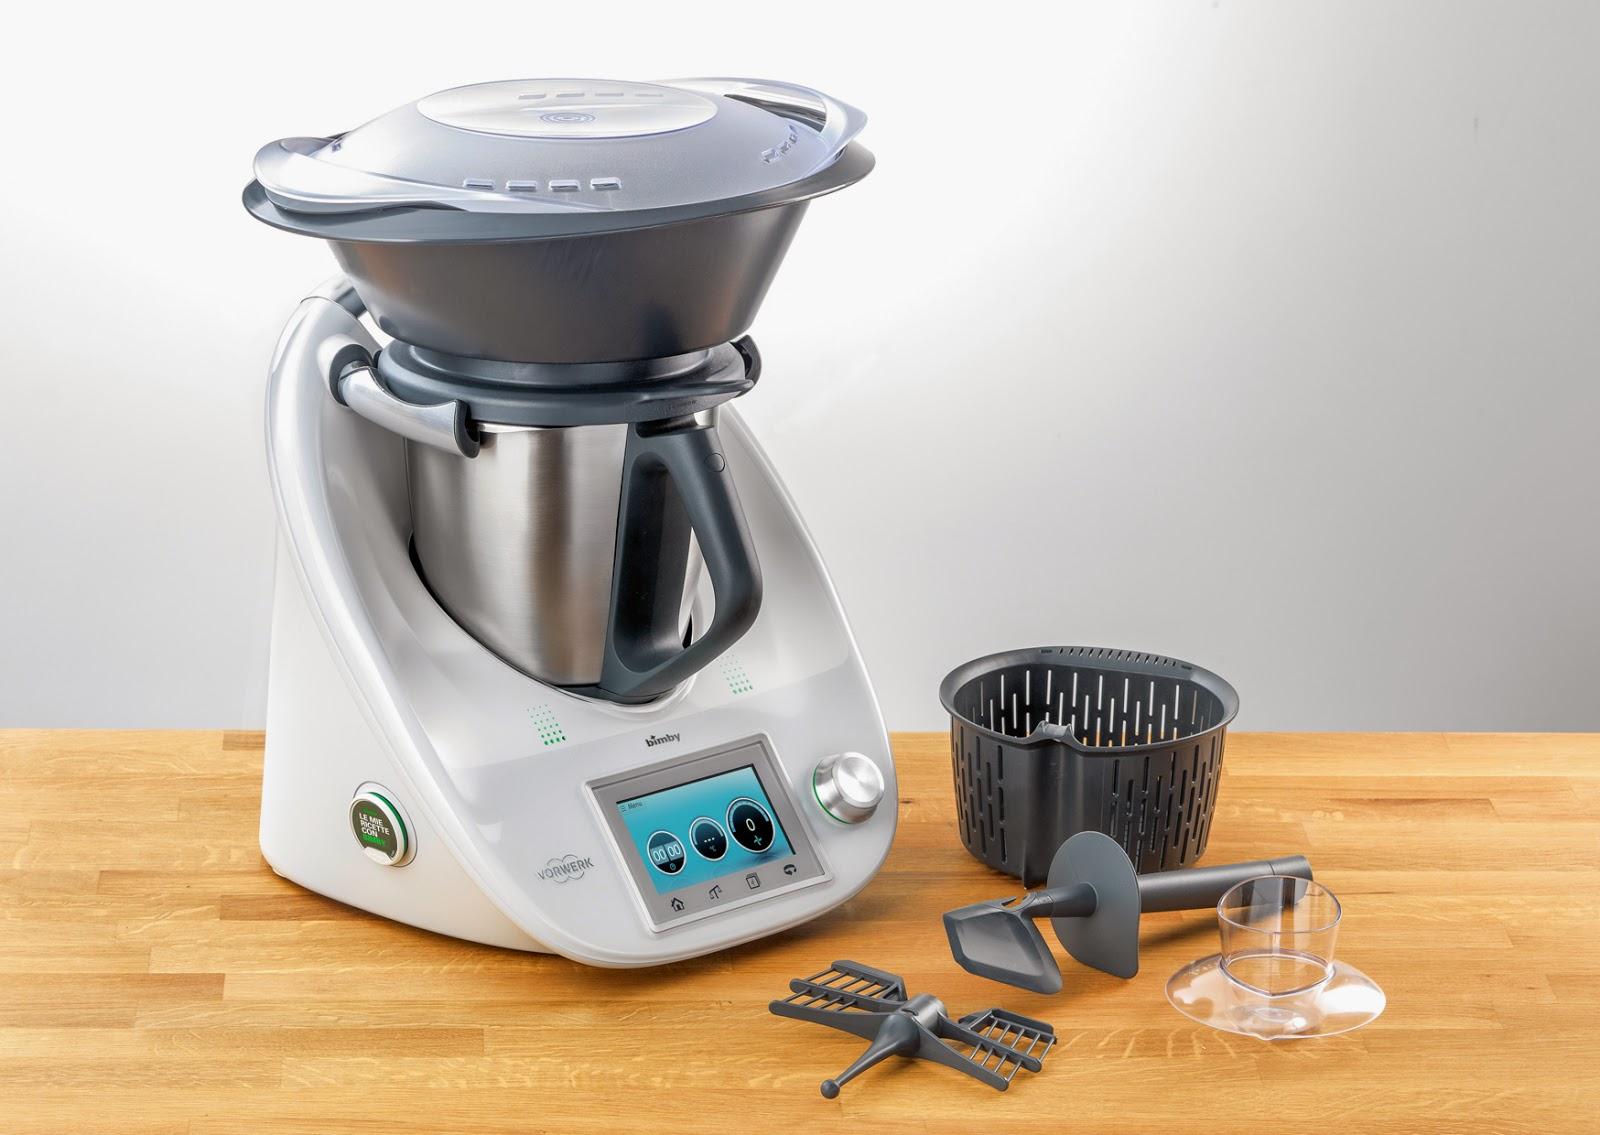 Le nostre bimby ricette consigli per cucinare col bimby - Robot per cucinare ...